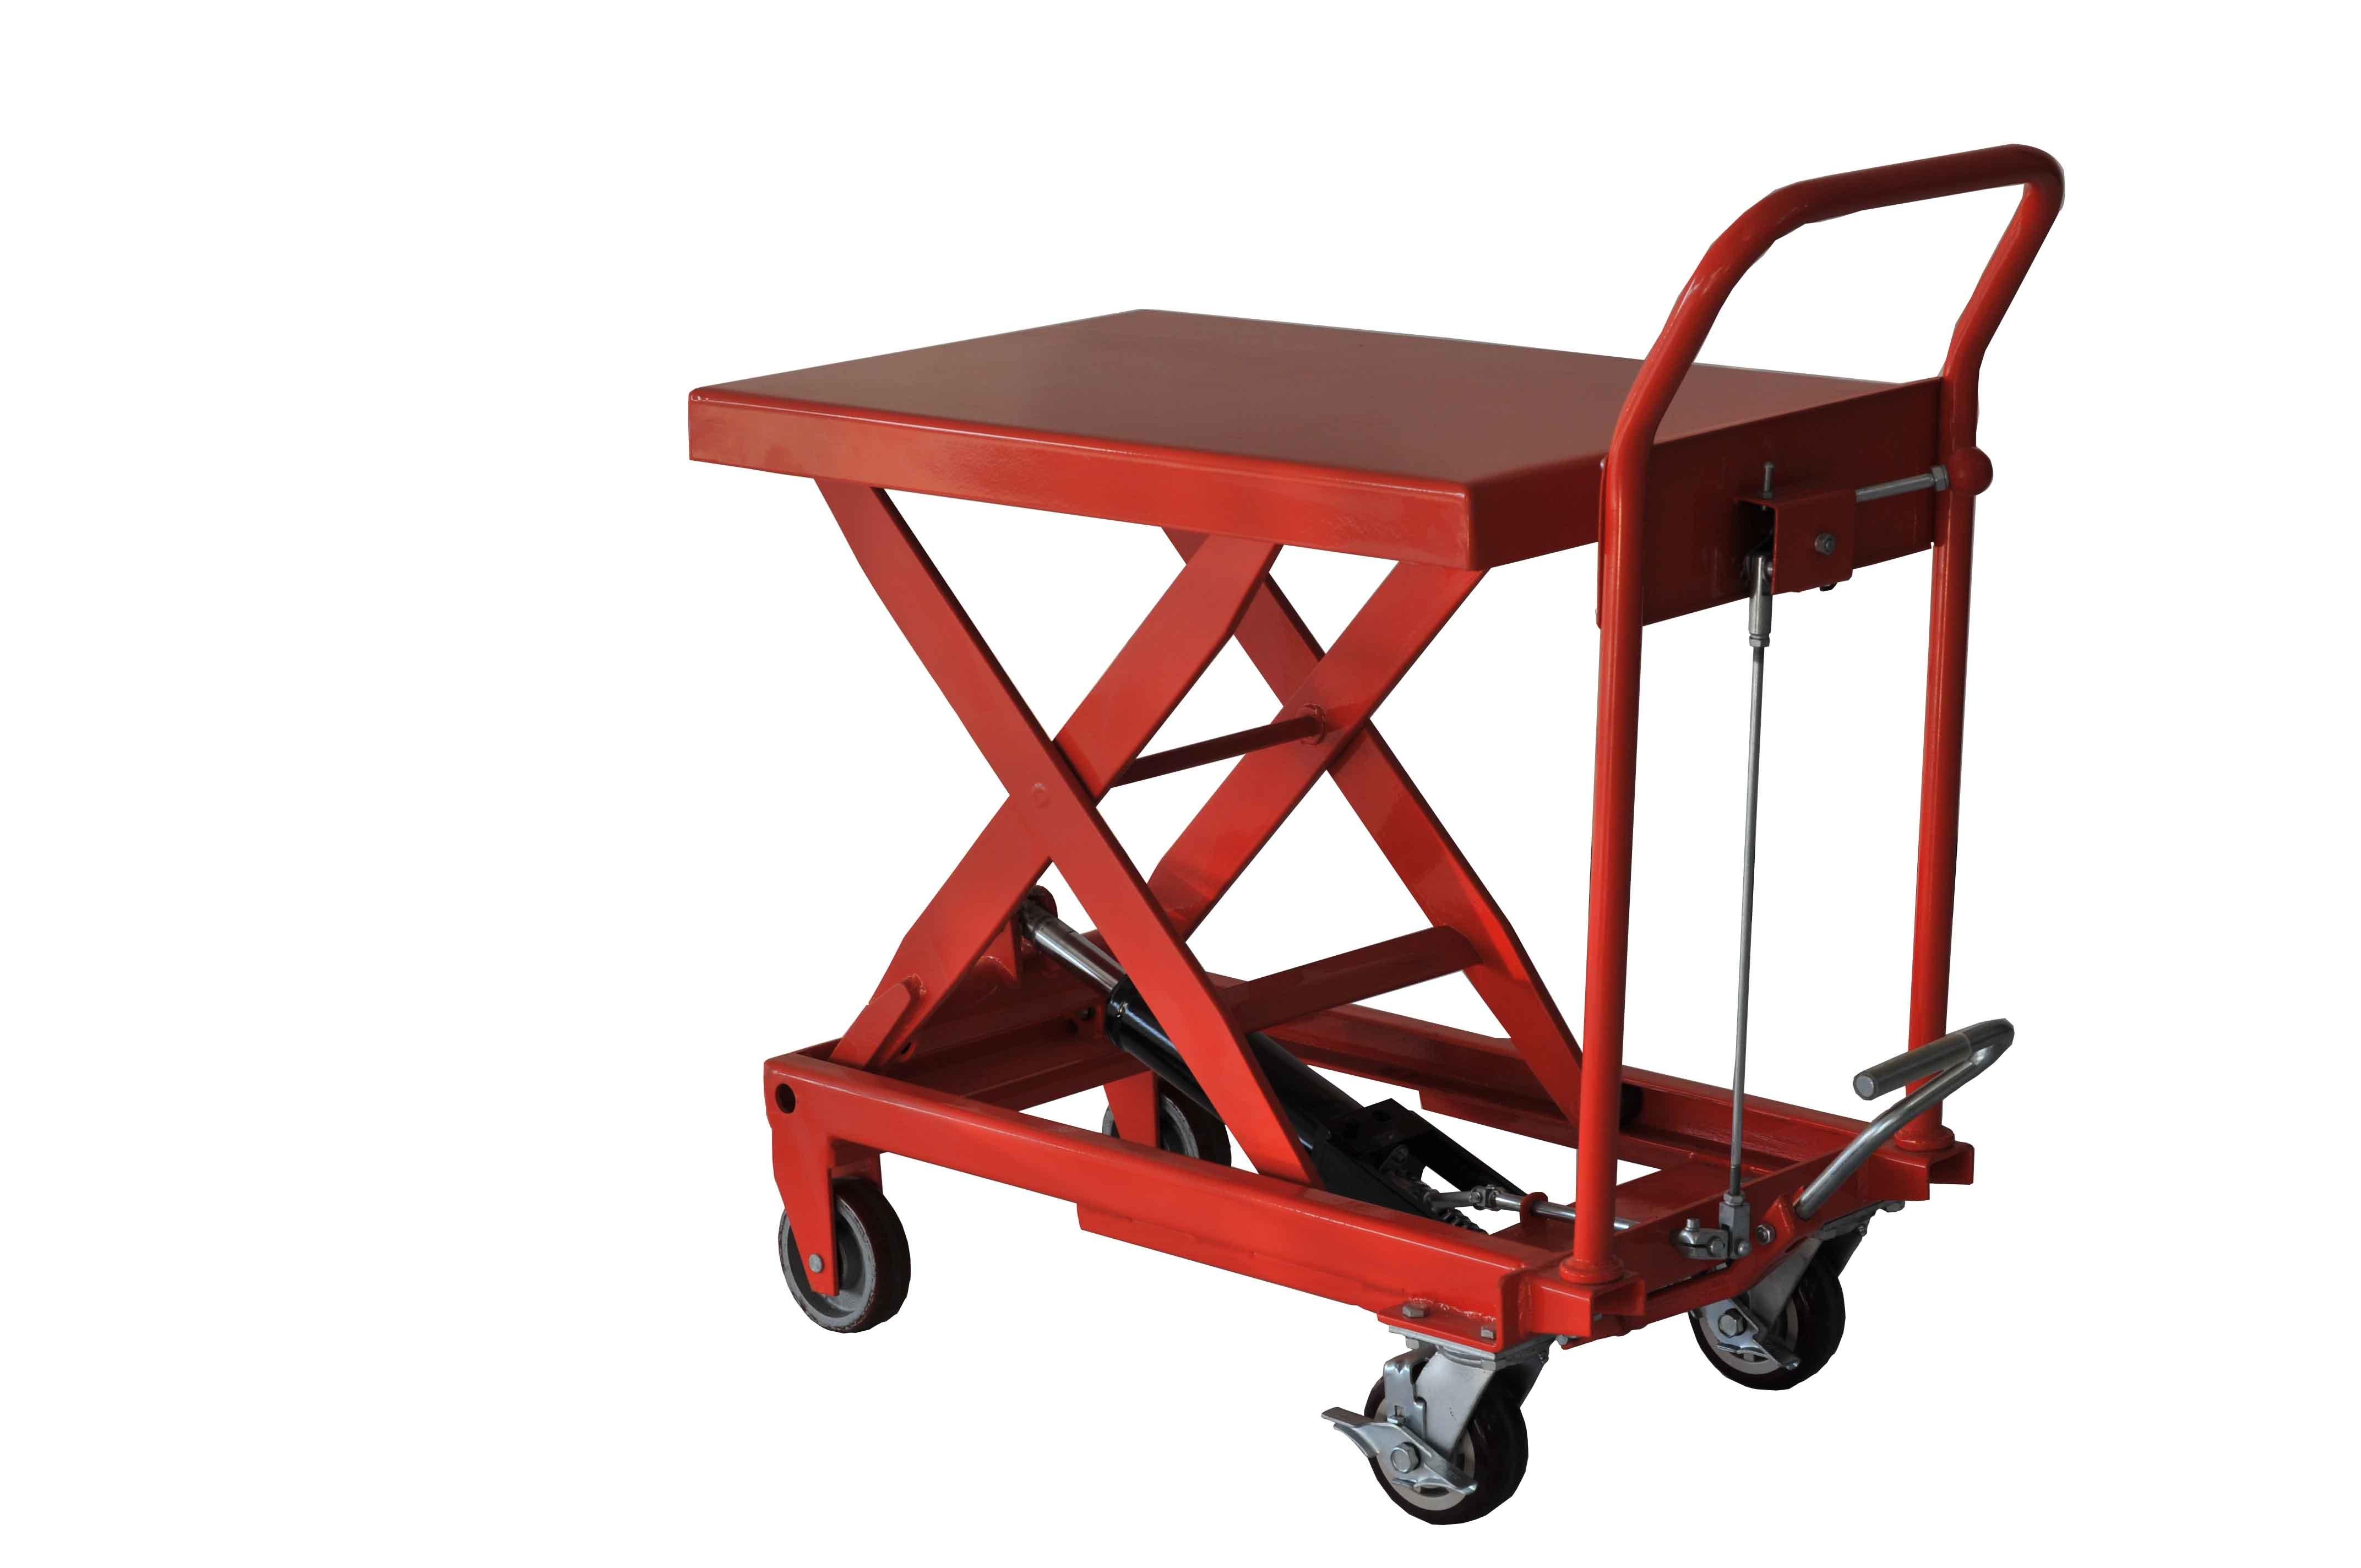 Used Hydraulic Lift Tables : U haul self storage hydraulic scissor lift